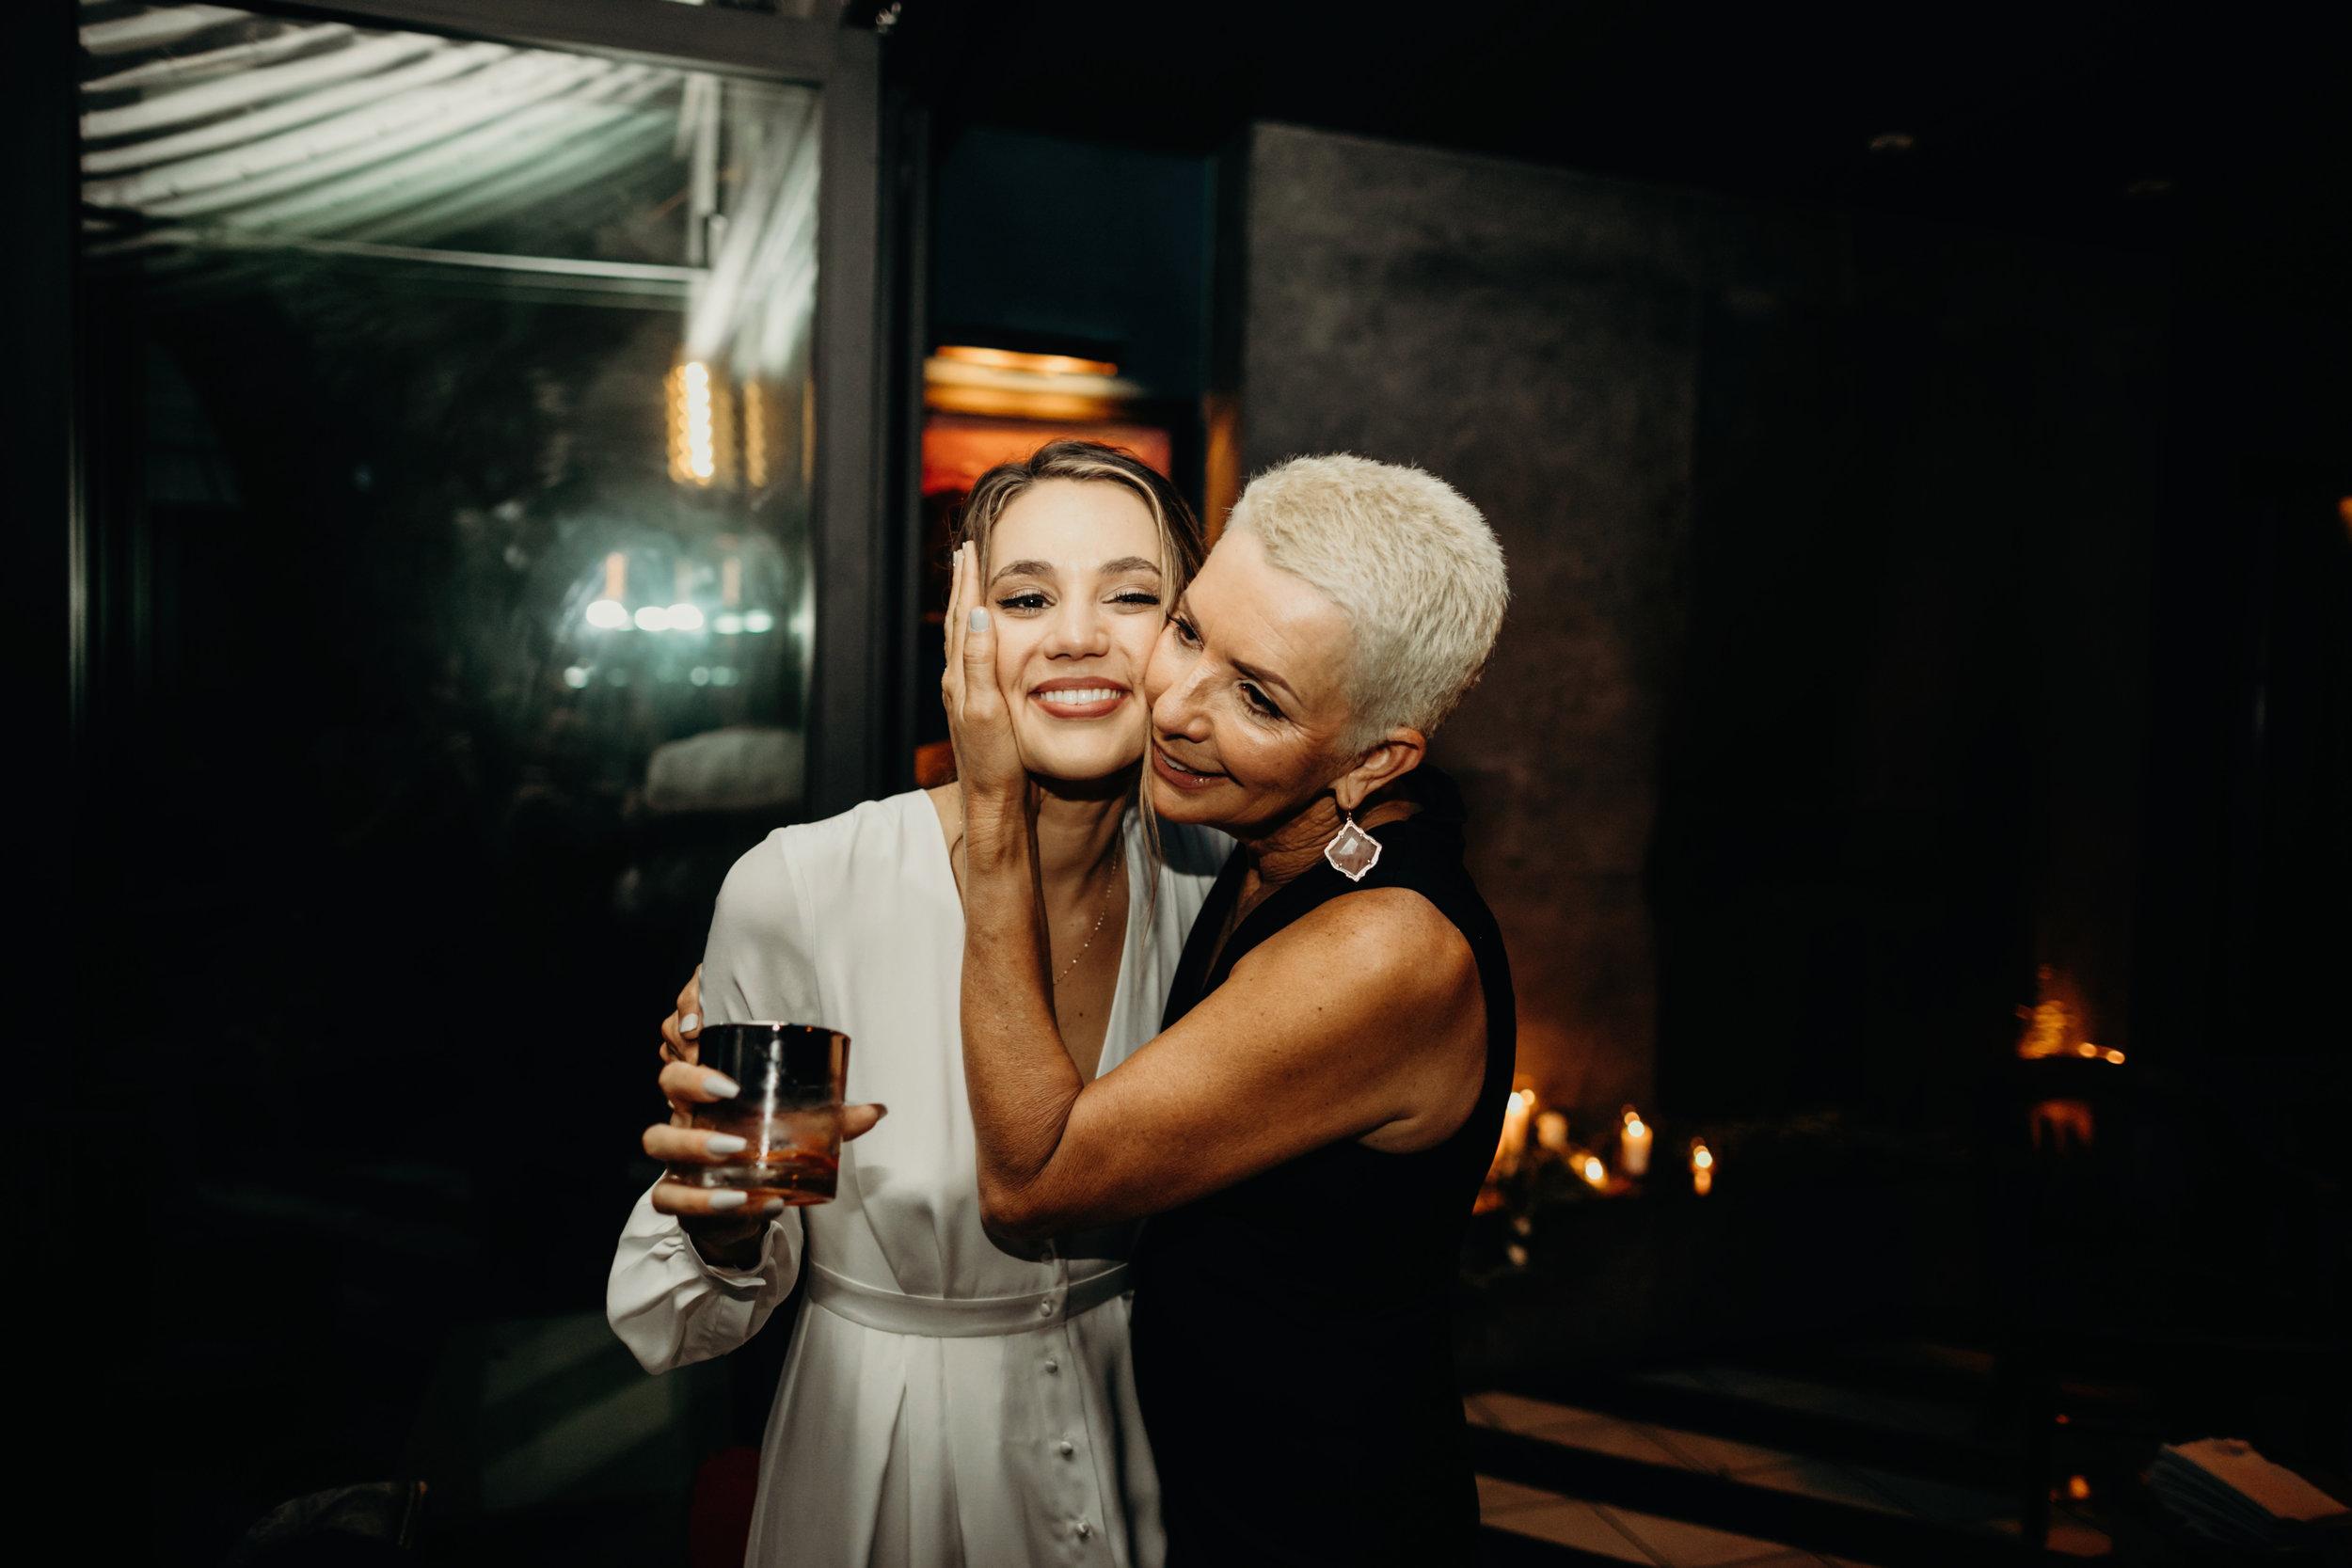 bitnerwedding-352.jpg